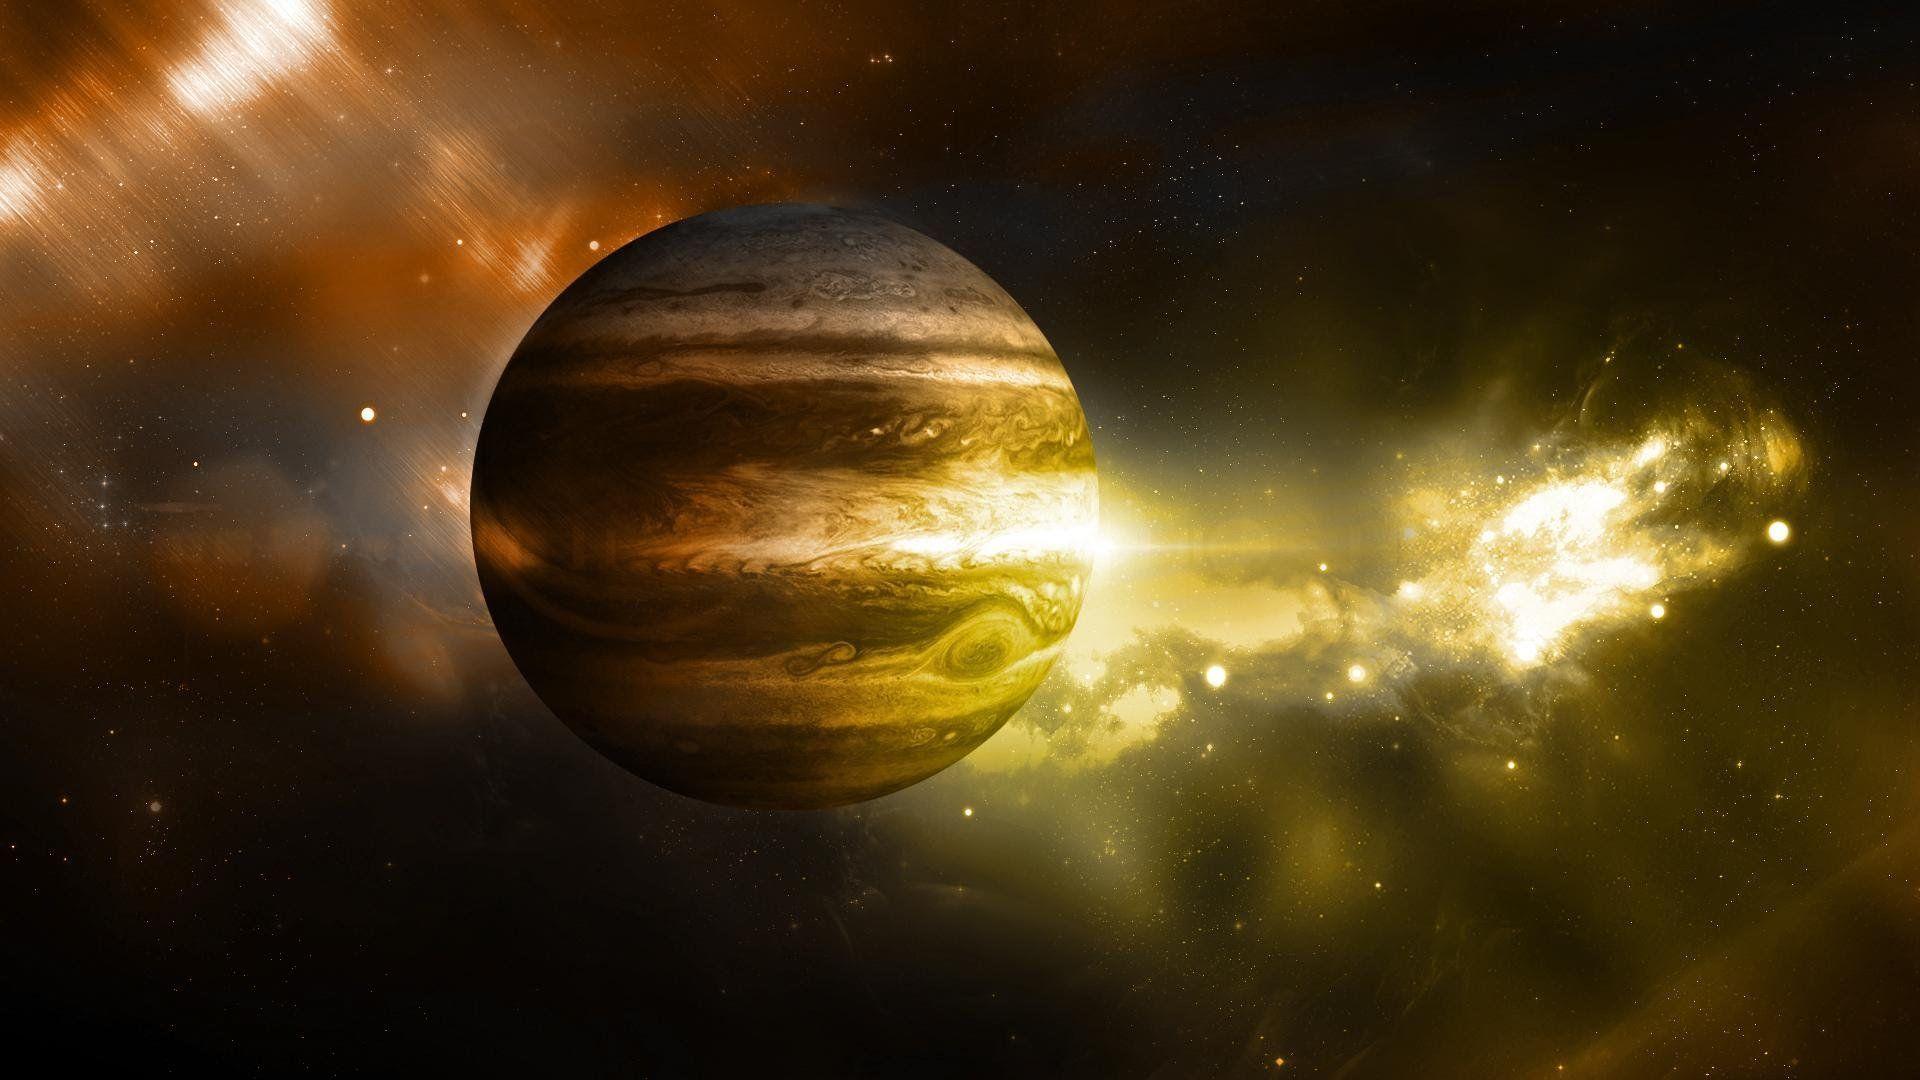 Ученые узнали, что Юпитер негазовая планета